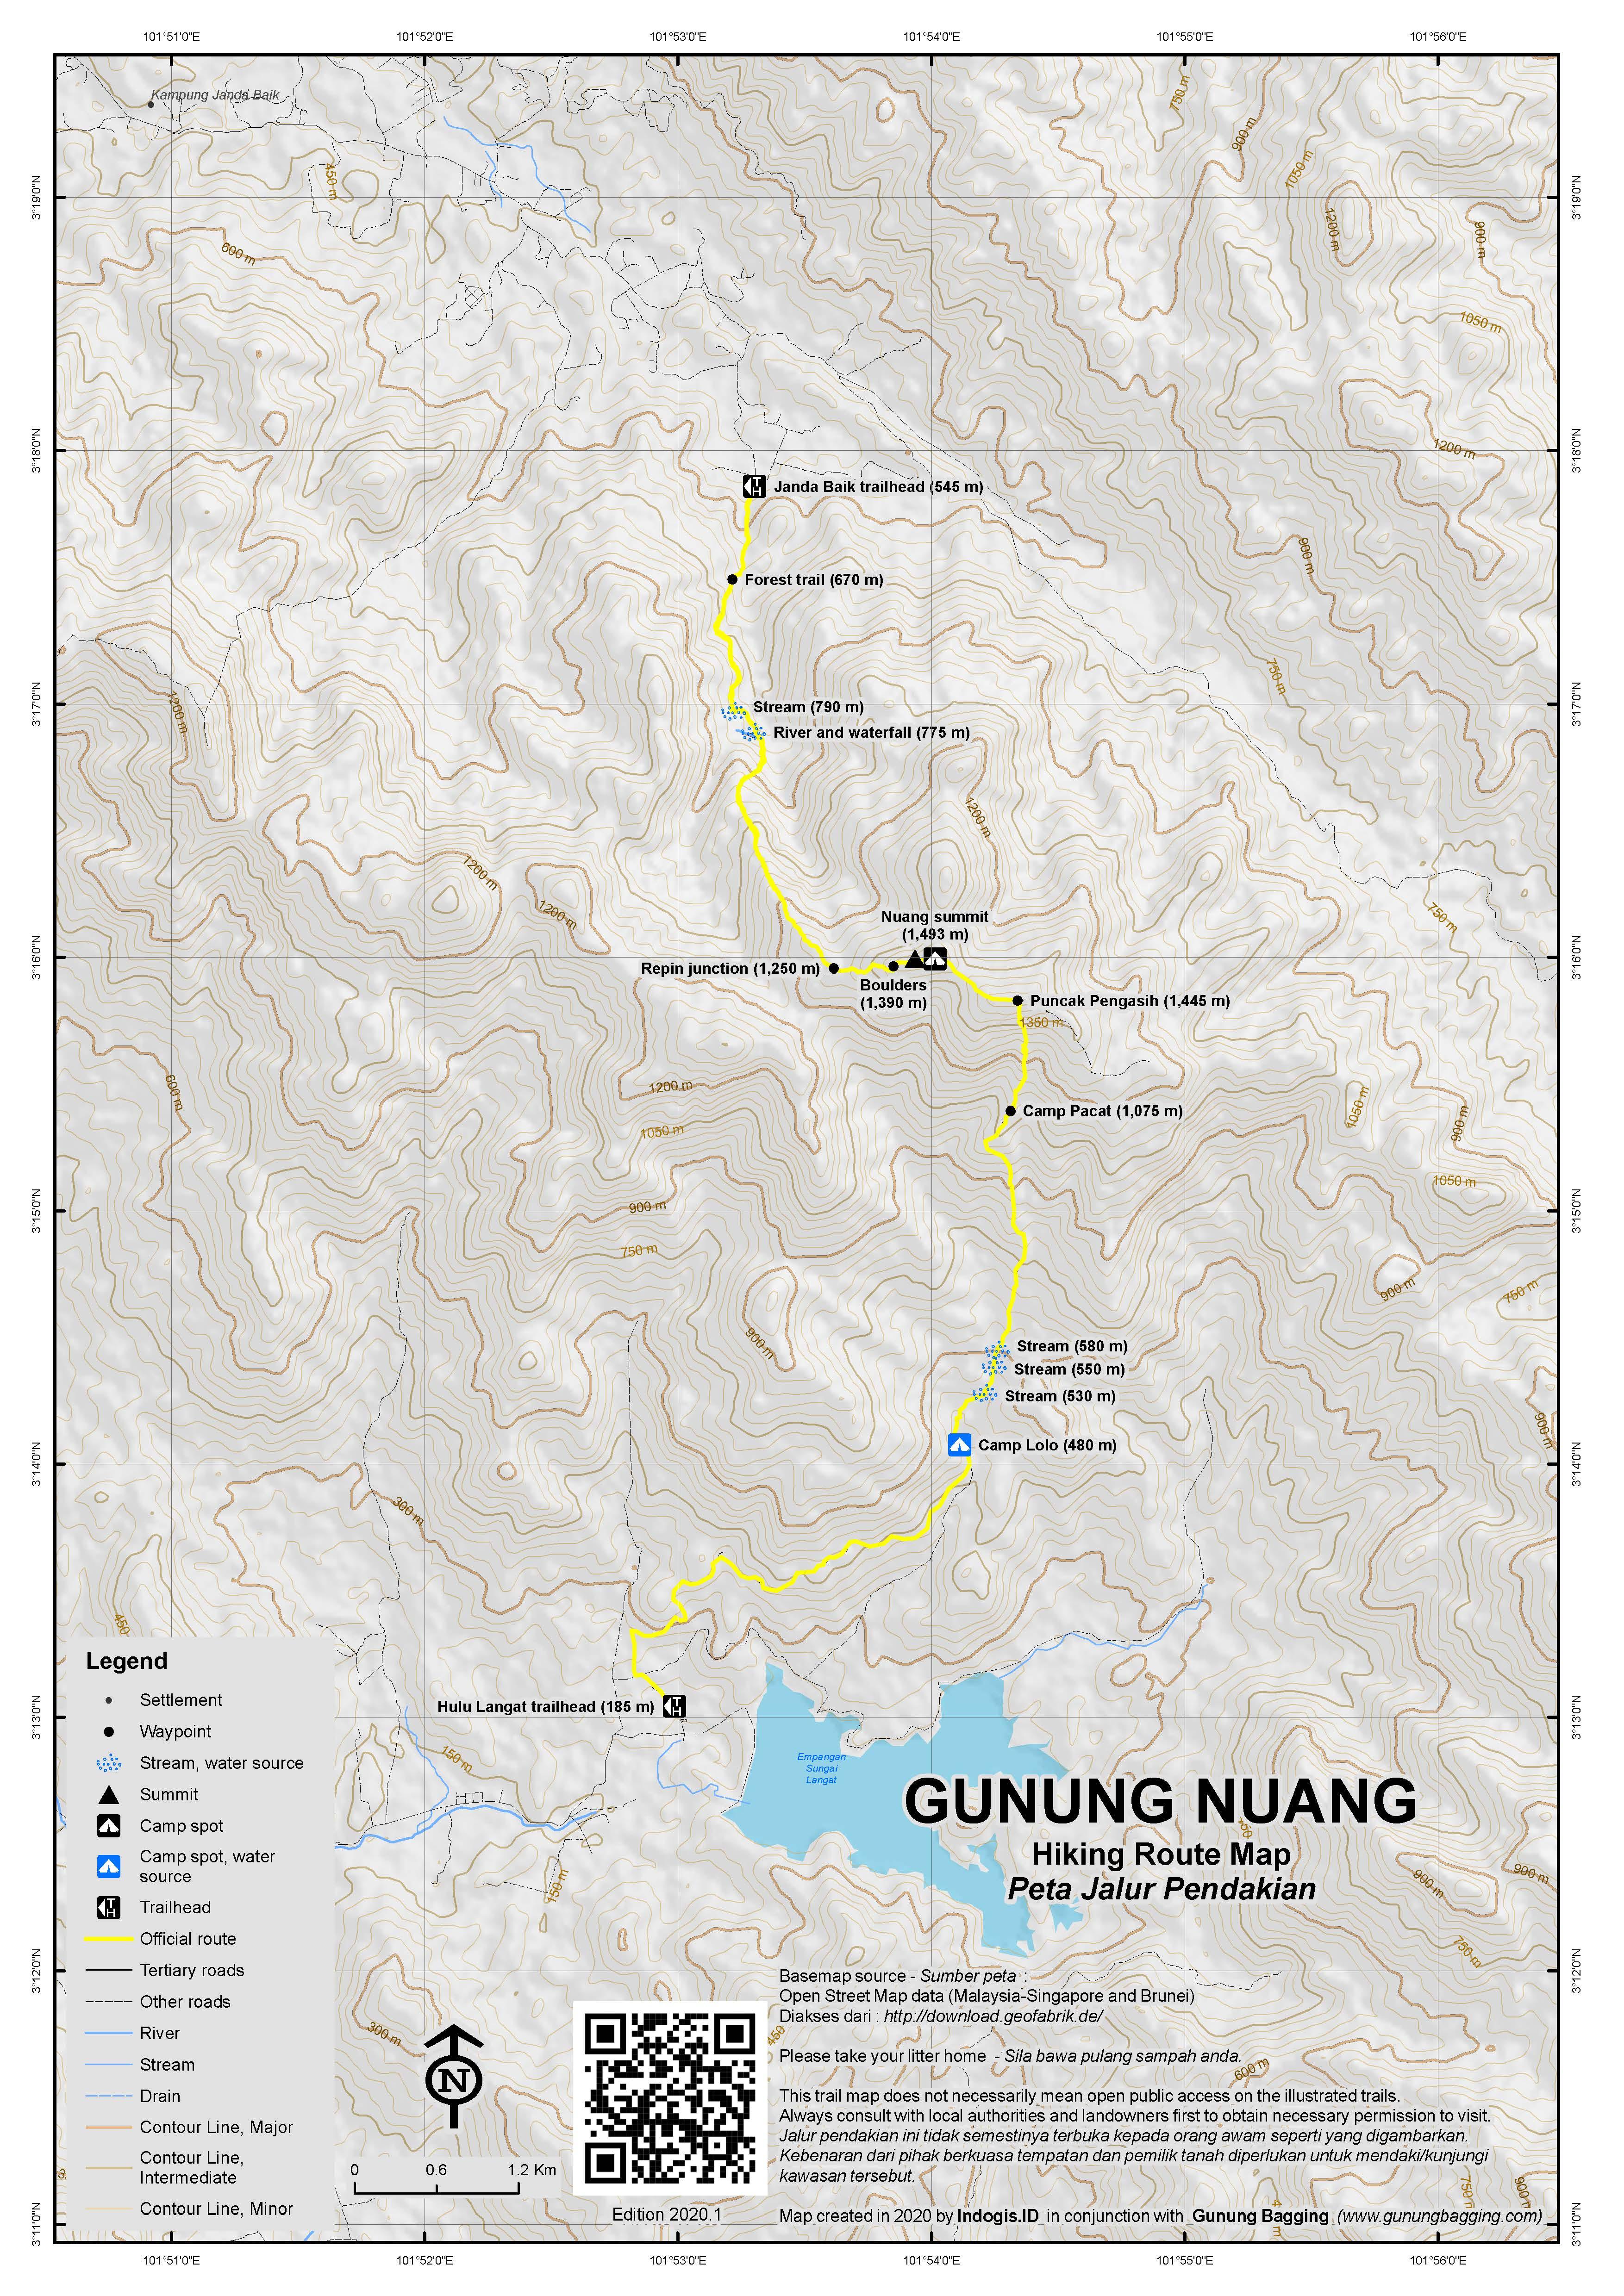 Peta Jalur Pendakian Gunung Nuang